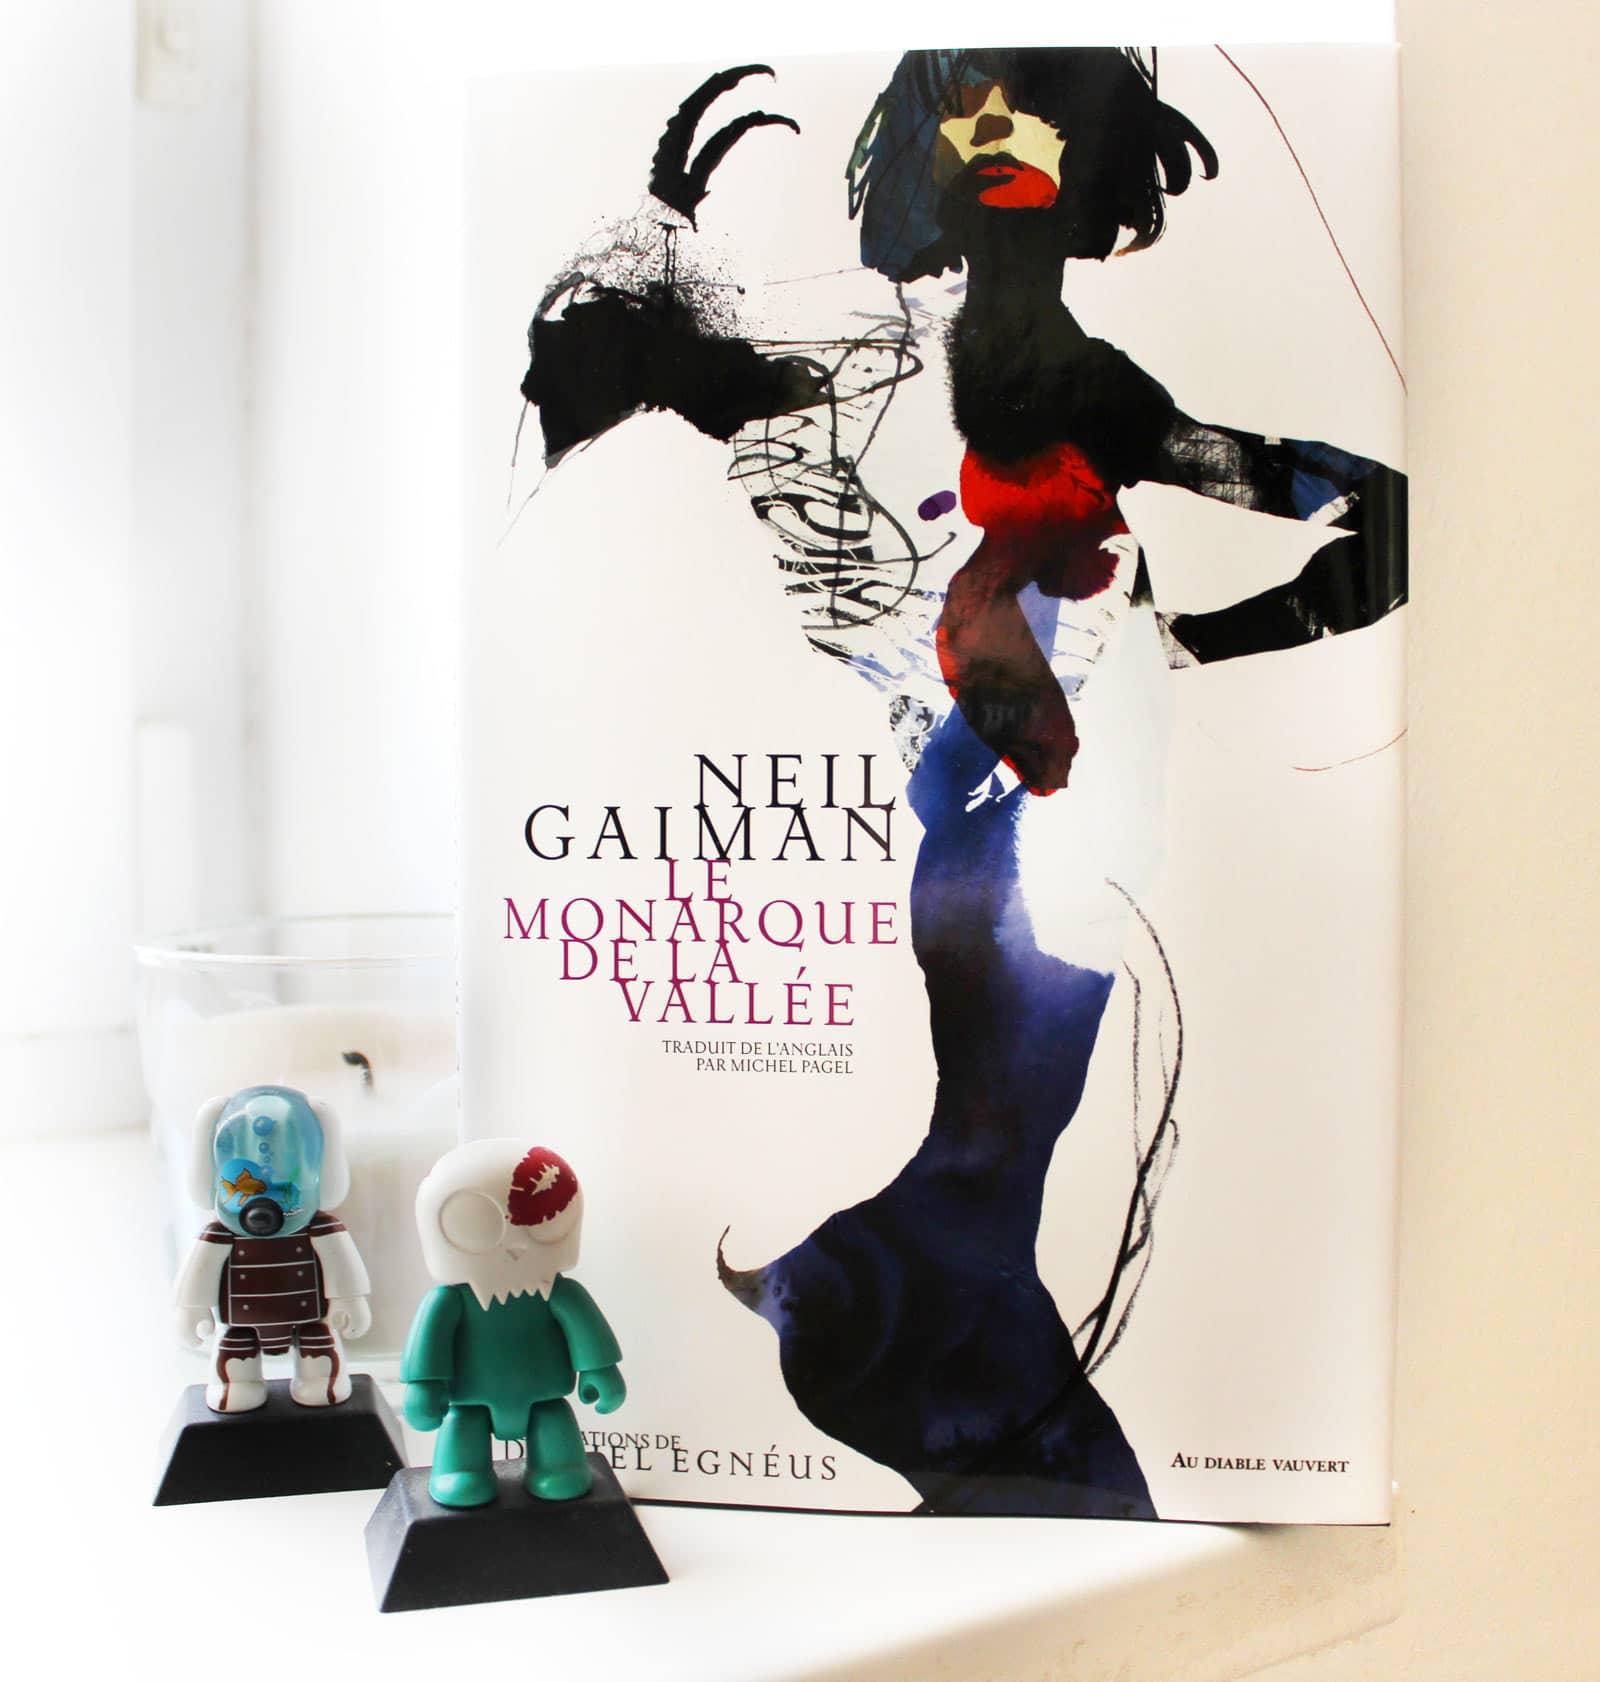 Une parfaite lecture fantastique avec Le monarque de la vallée de Neil Gaiman